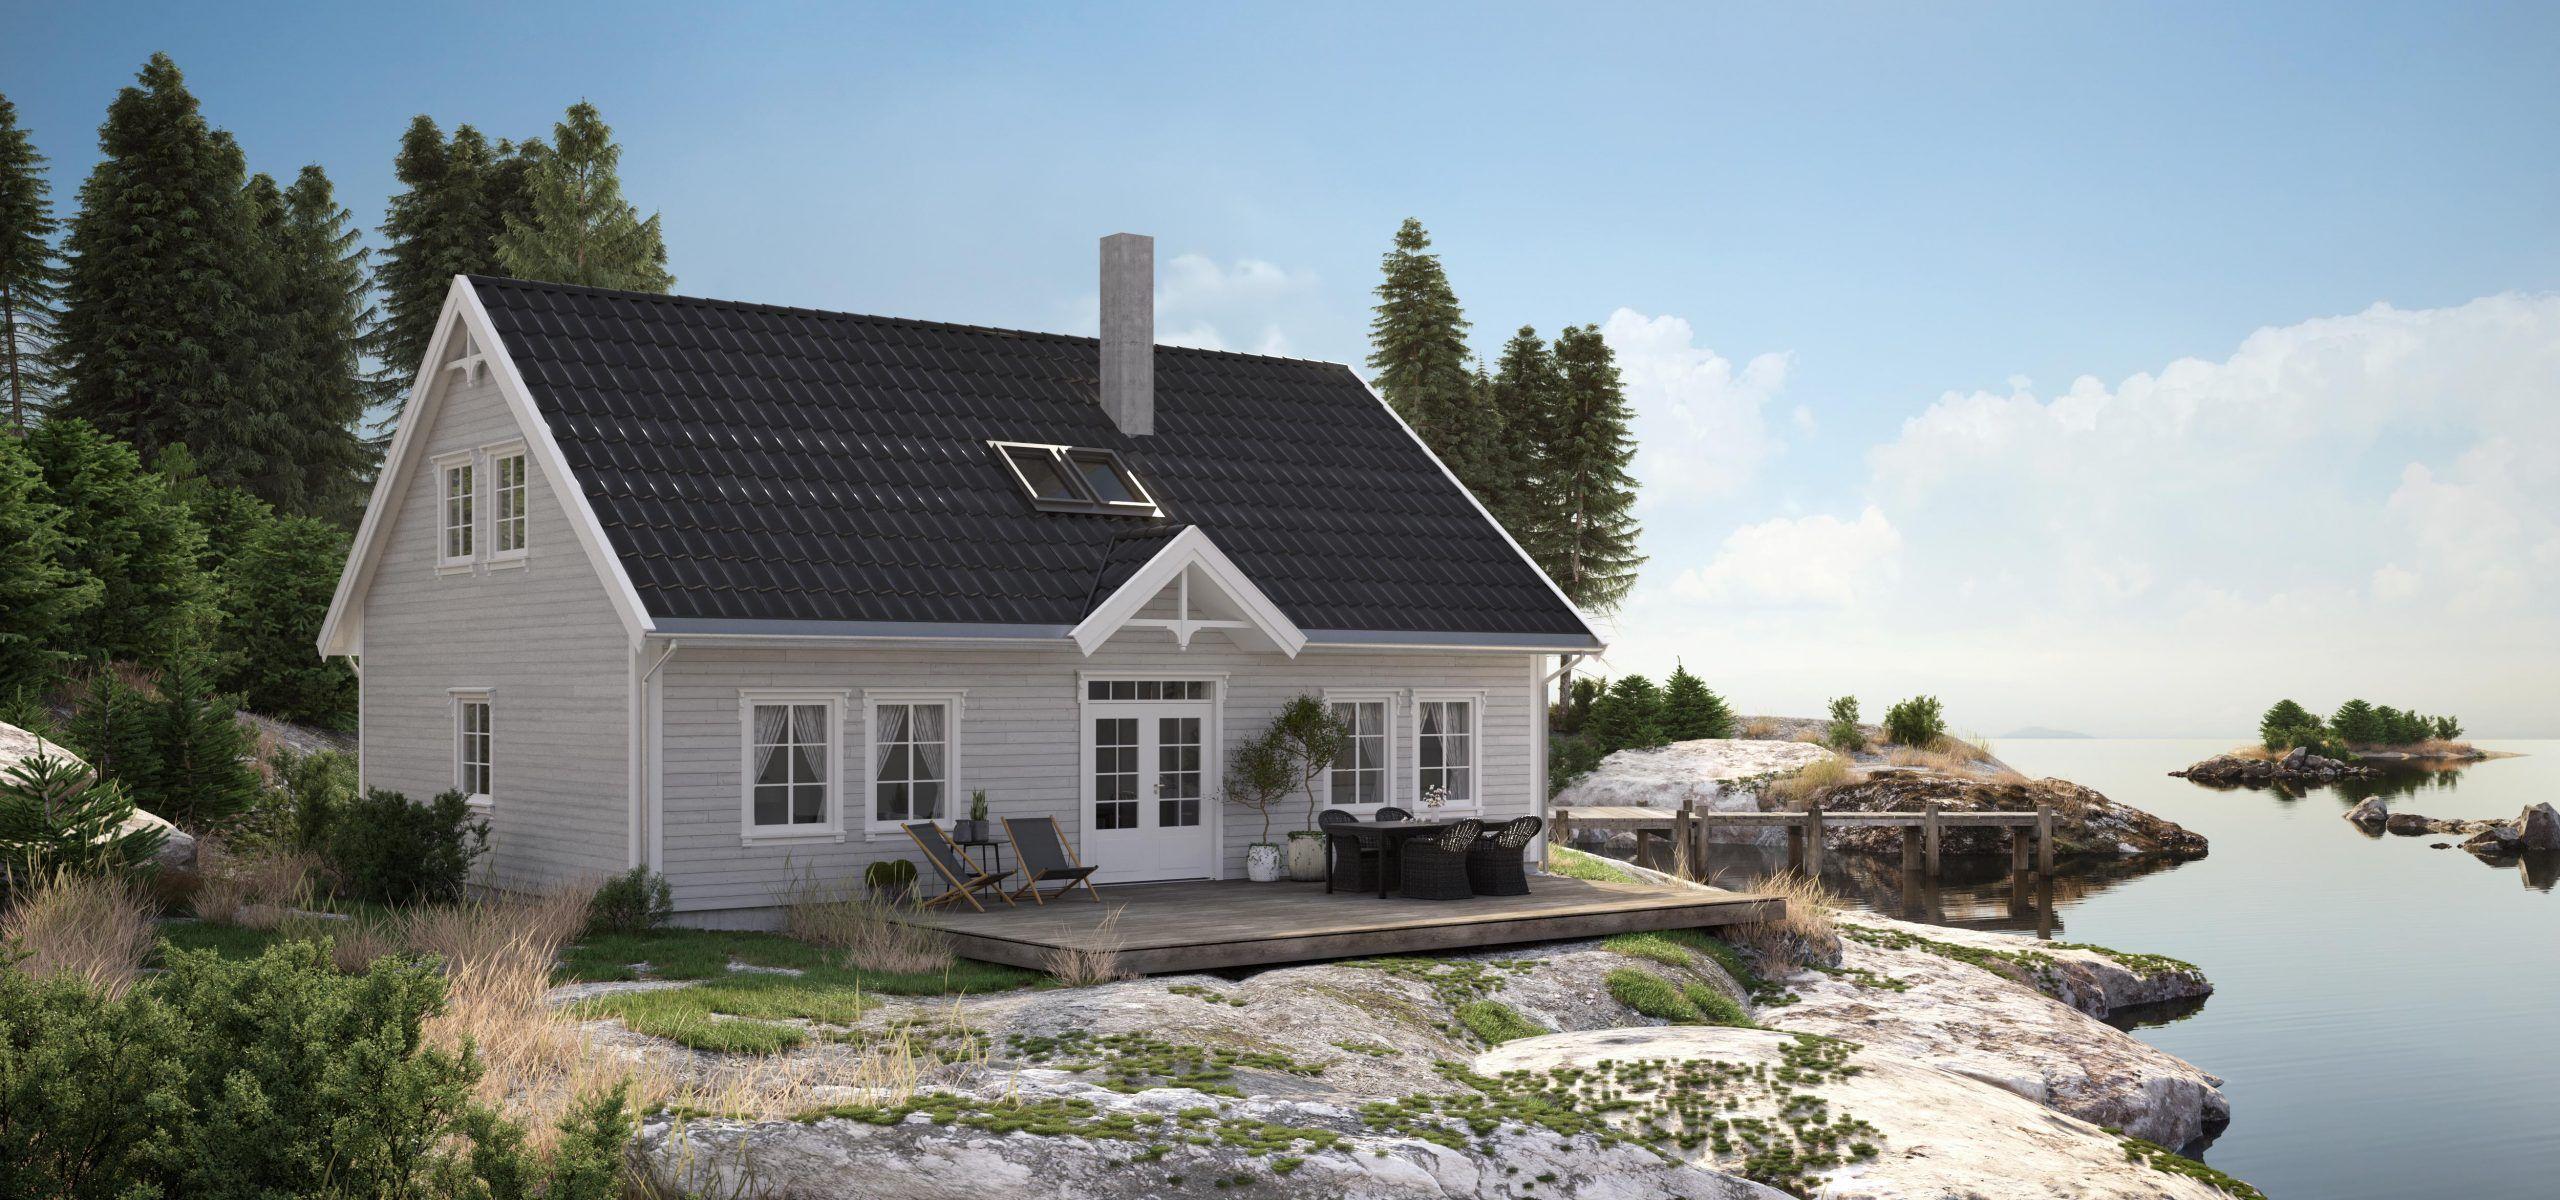 Husmodell Paradis fra Hellvik Hus er et tradisjonelt hus med 5 soverom.